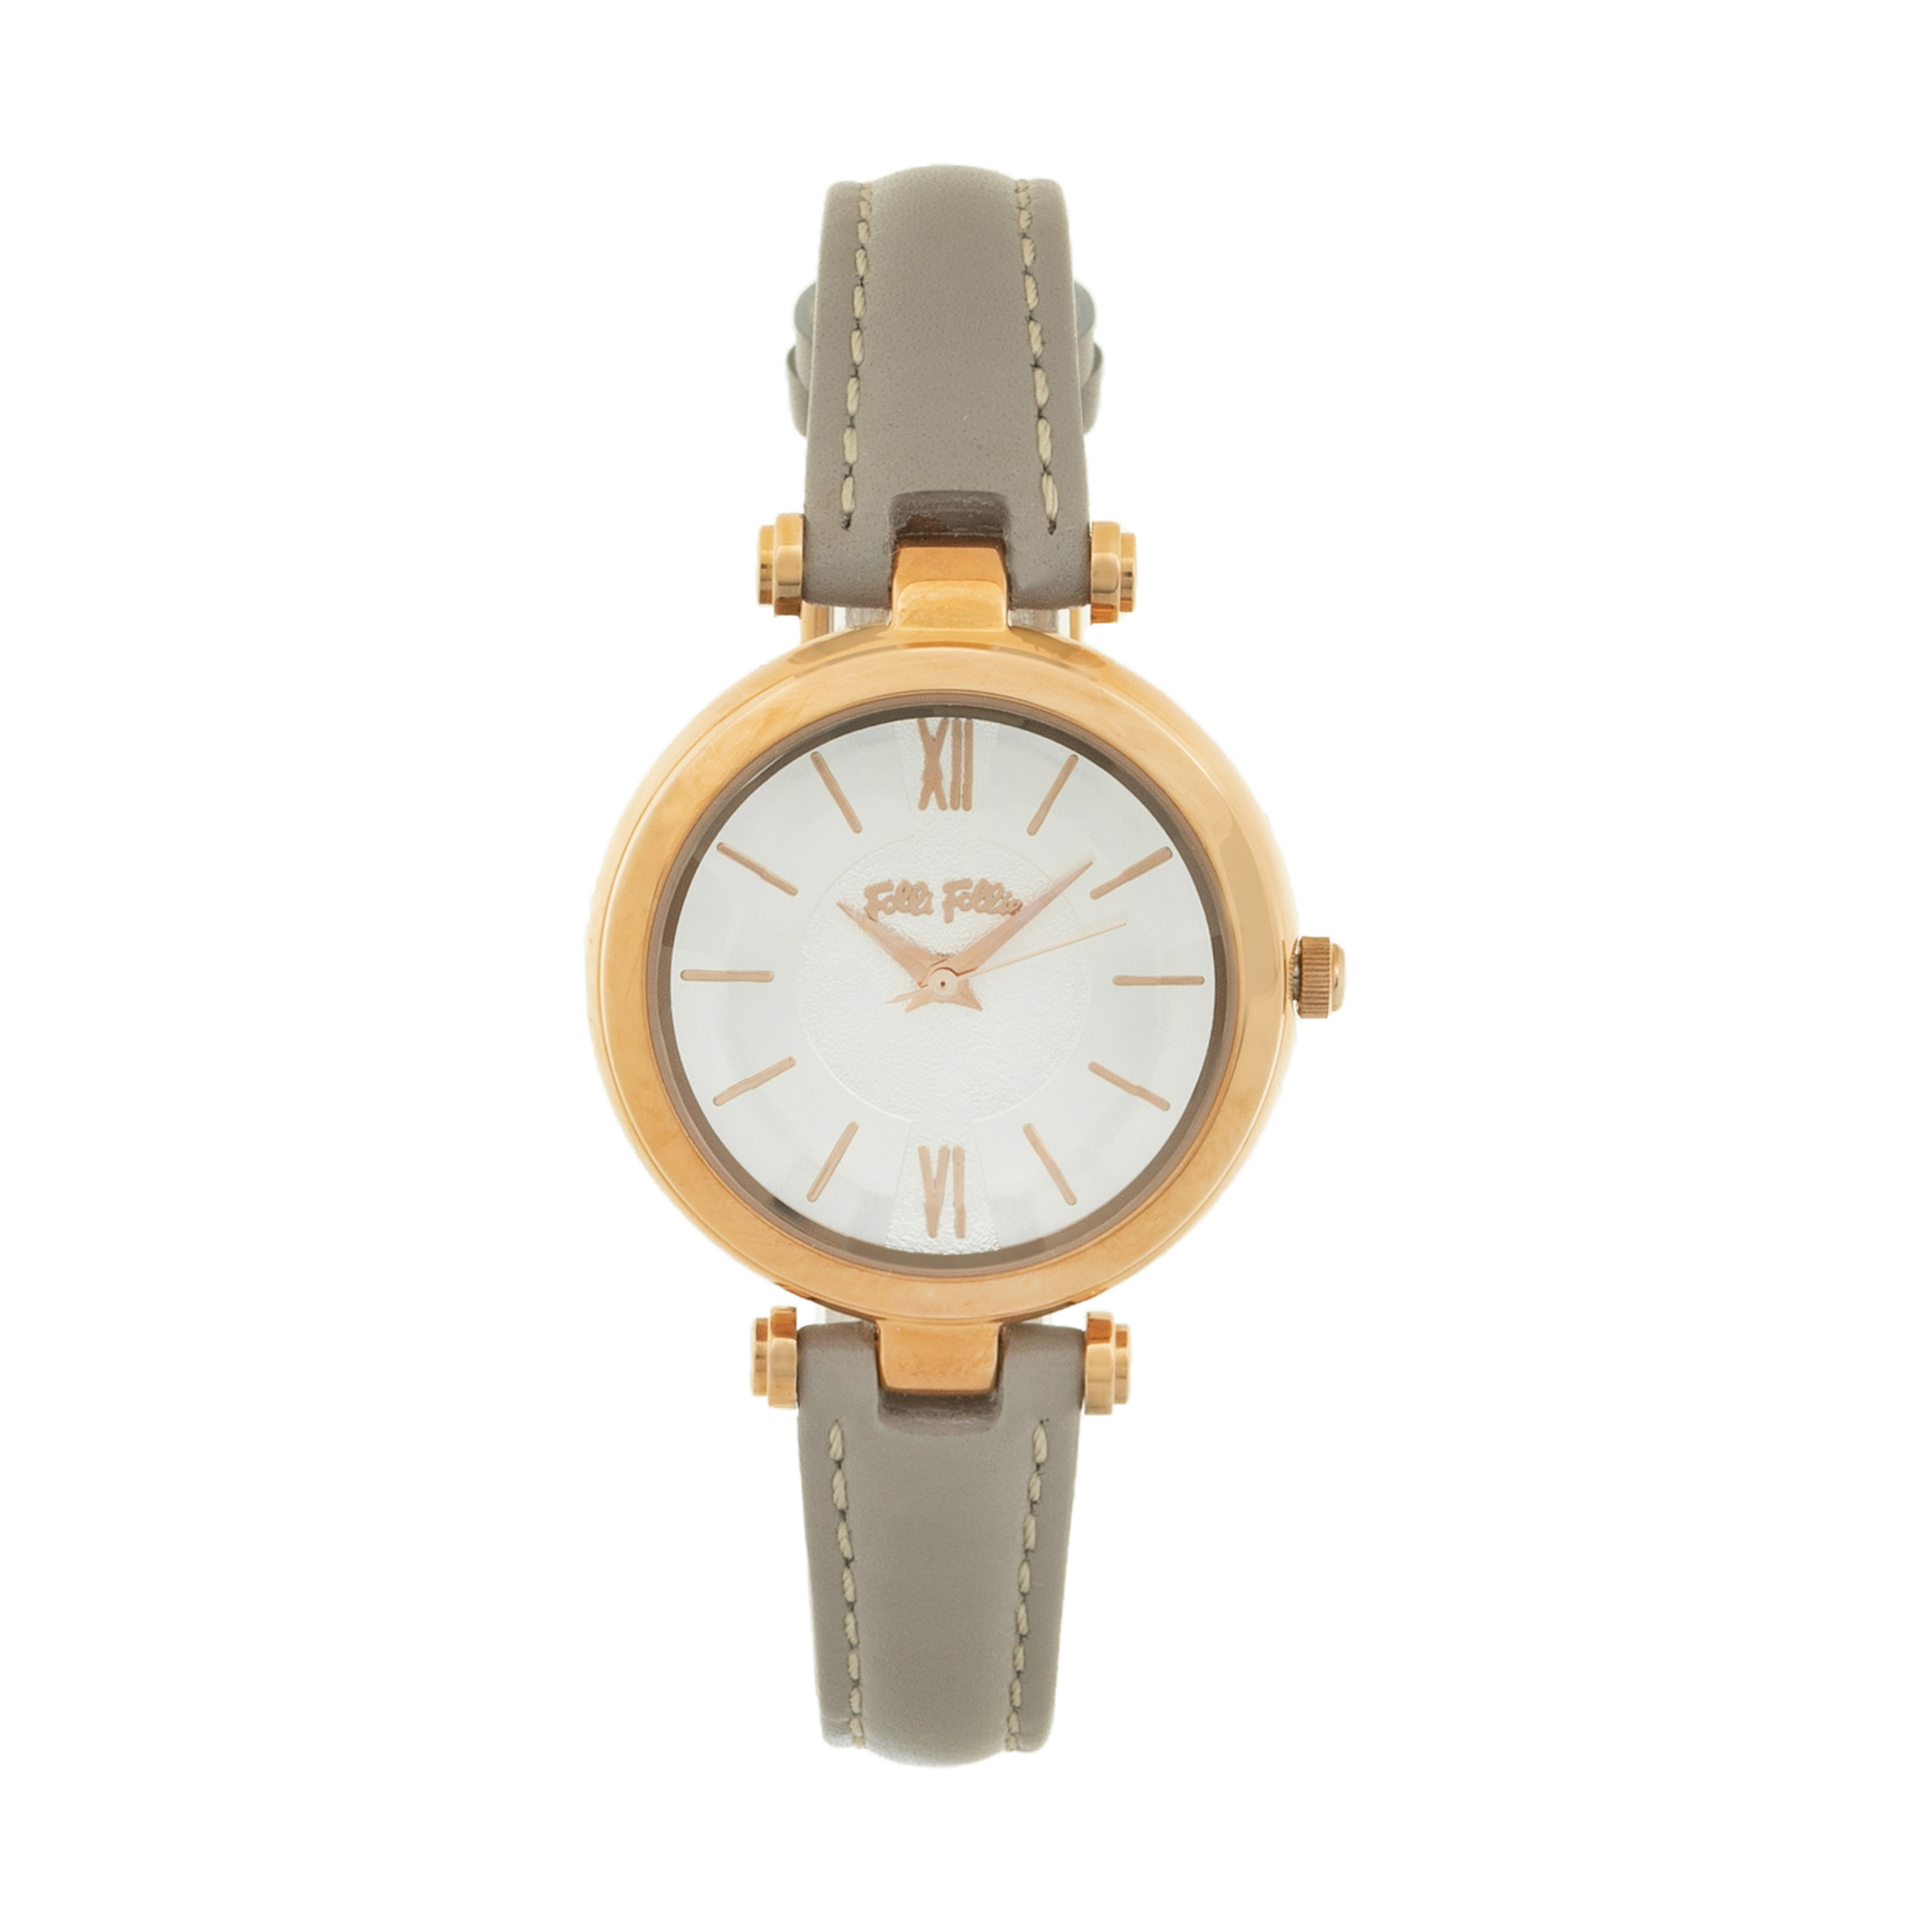 قیمت ساعت مچی عقربه ای زنانه فولی فولیه مدل WF16R009SPS-GA (بدون جعبه اورجینال)              خرید (⭐️⭐️⭐️)